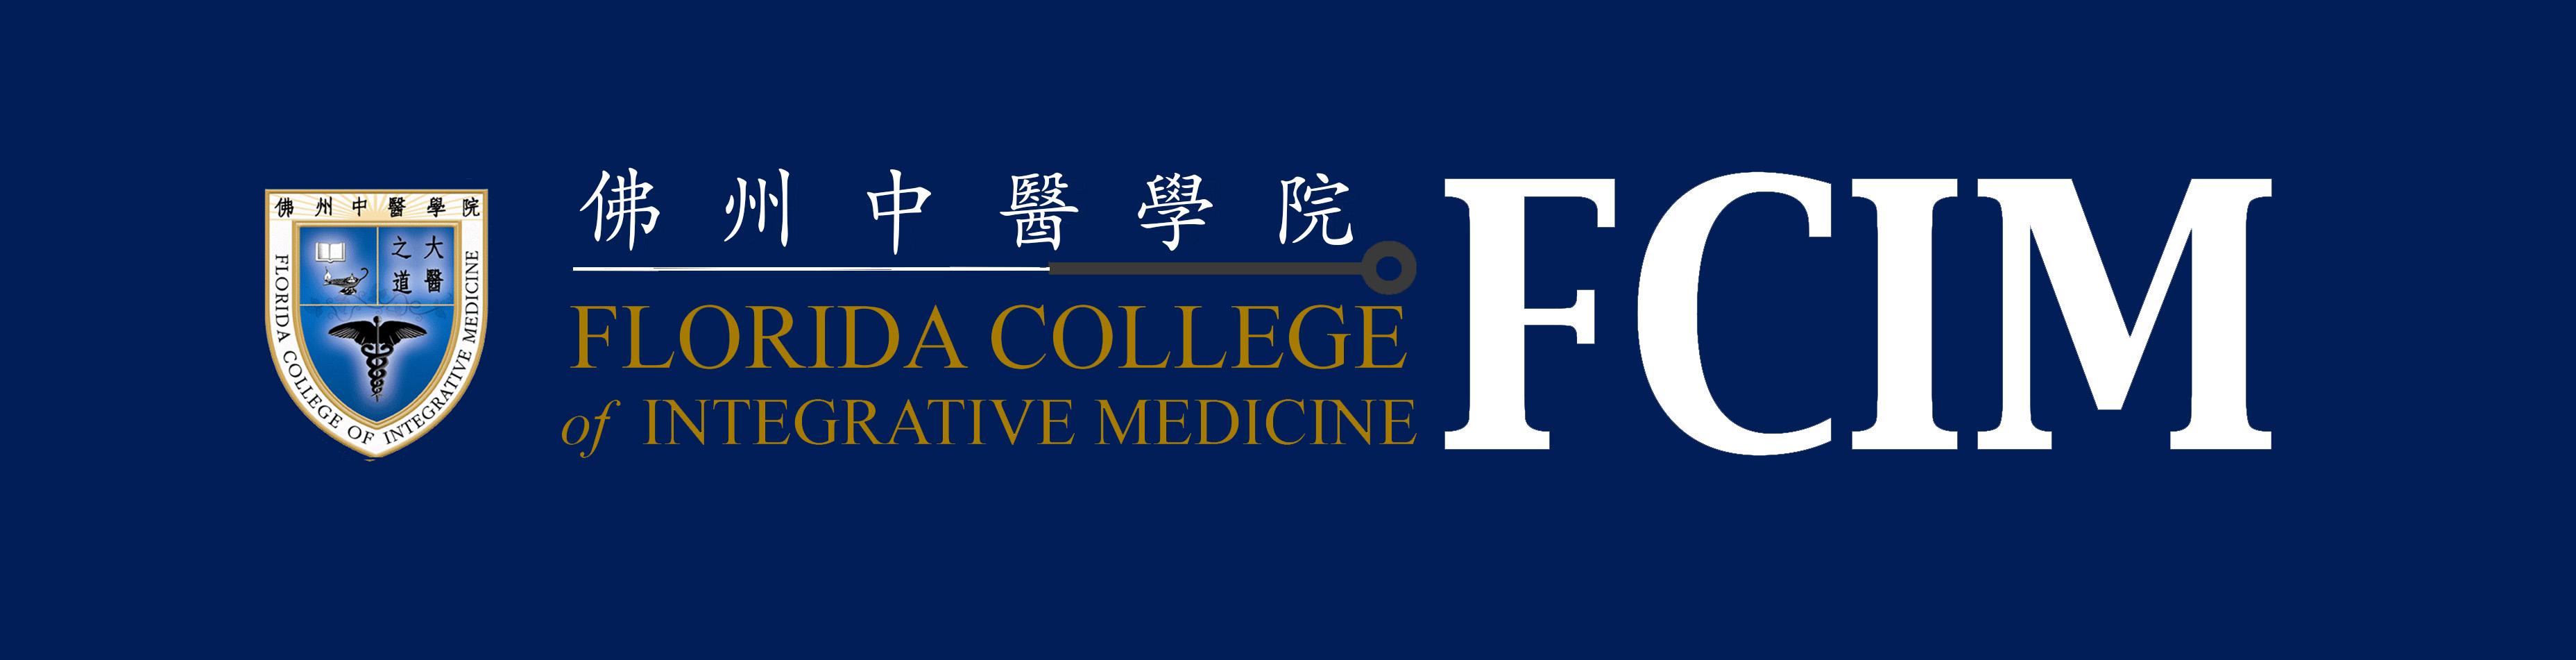 Program & Degree: Master's of Science in Oriental Medicine